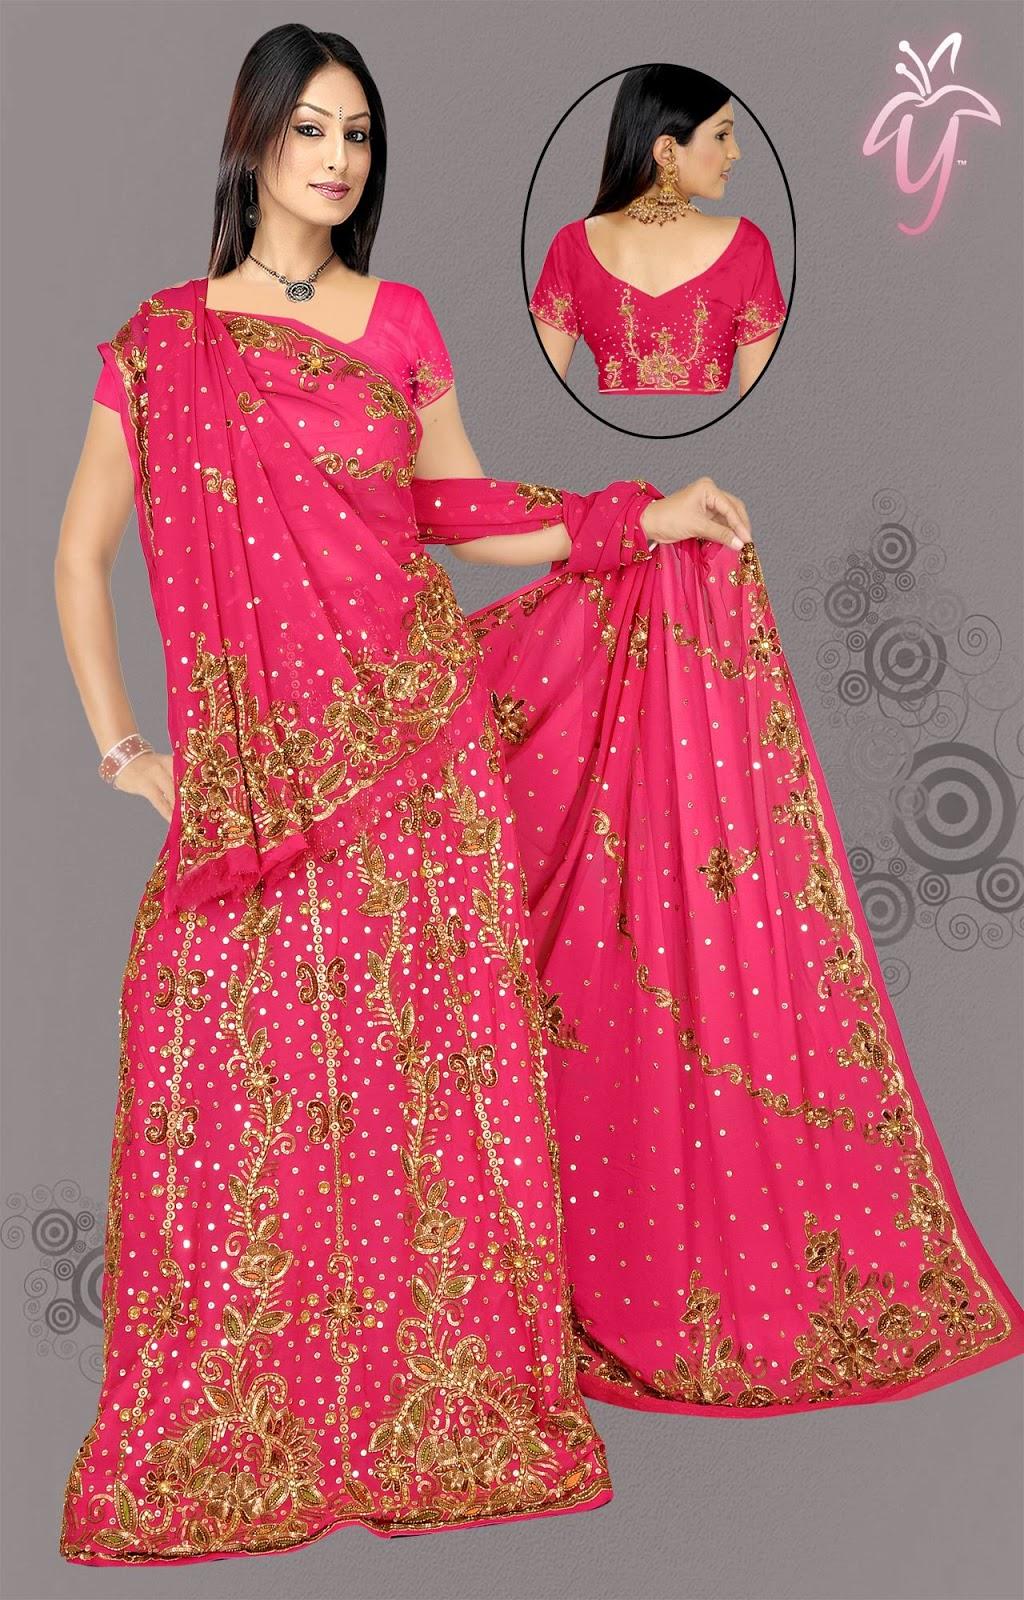 Bridal Lehenga Style Sarees Bridal Lehenga Saree Bridal Saree Indian Dress Bridal